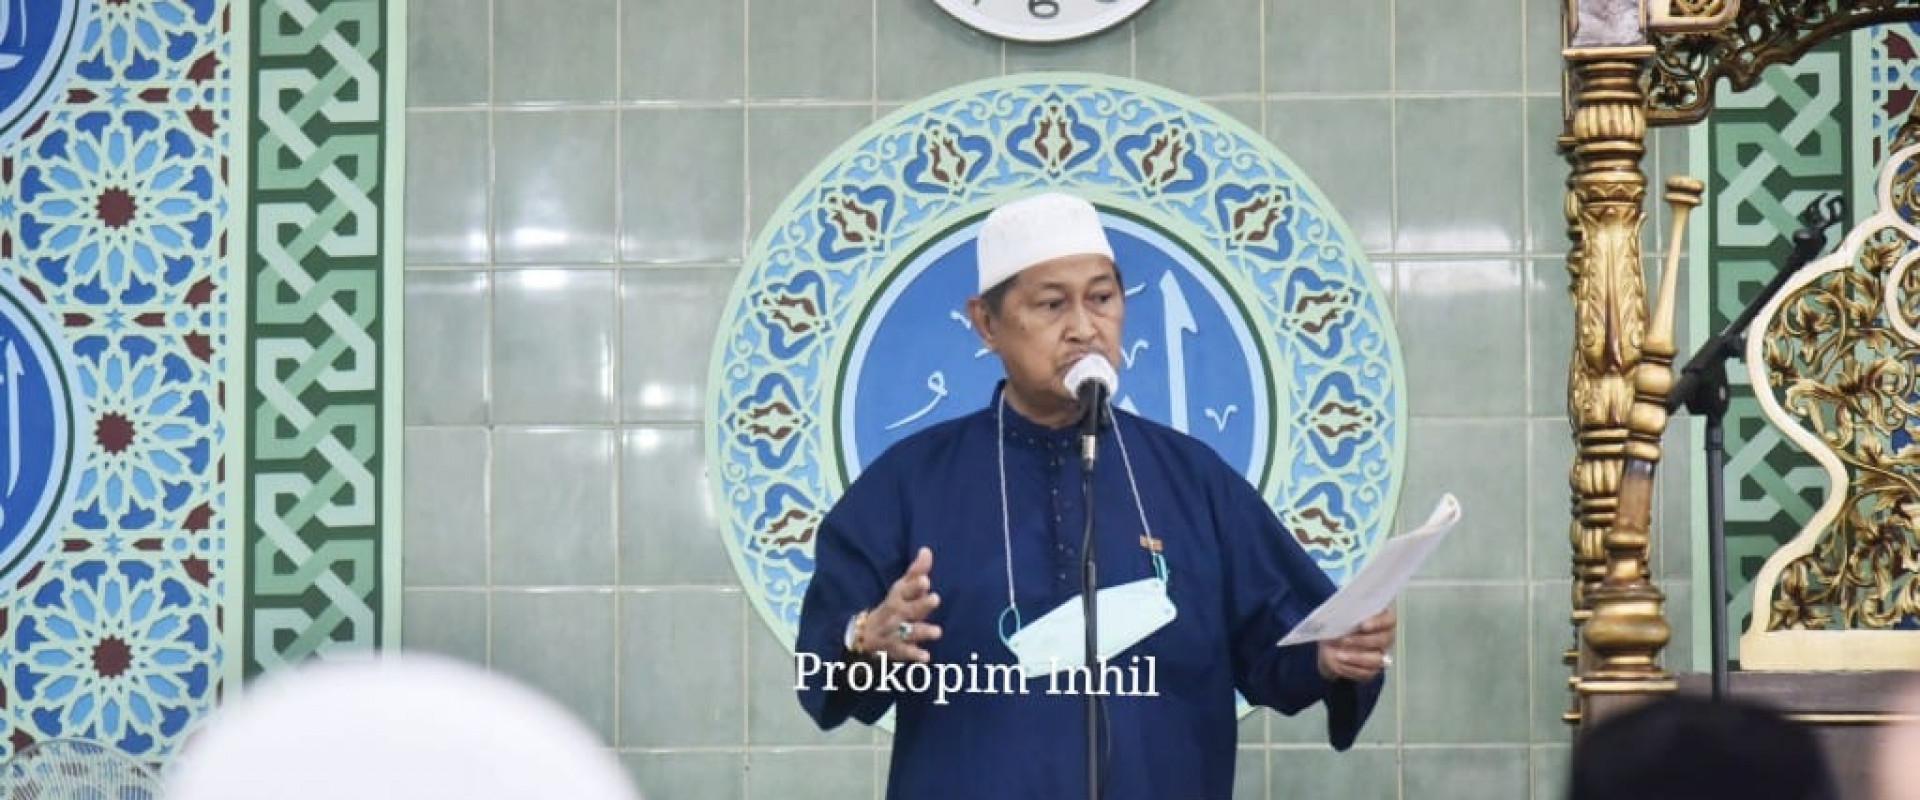 Shalat Idul Fitri 1442 Di Mesjid Nurul Hidayah, Wabup Inhil : Mari Kita Berdoa, Berharap Pendemi Covid-19 Segera Berakhir